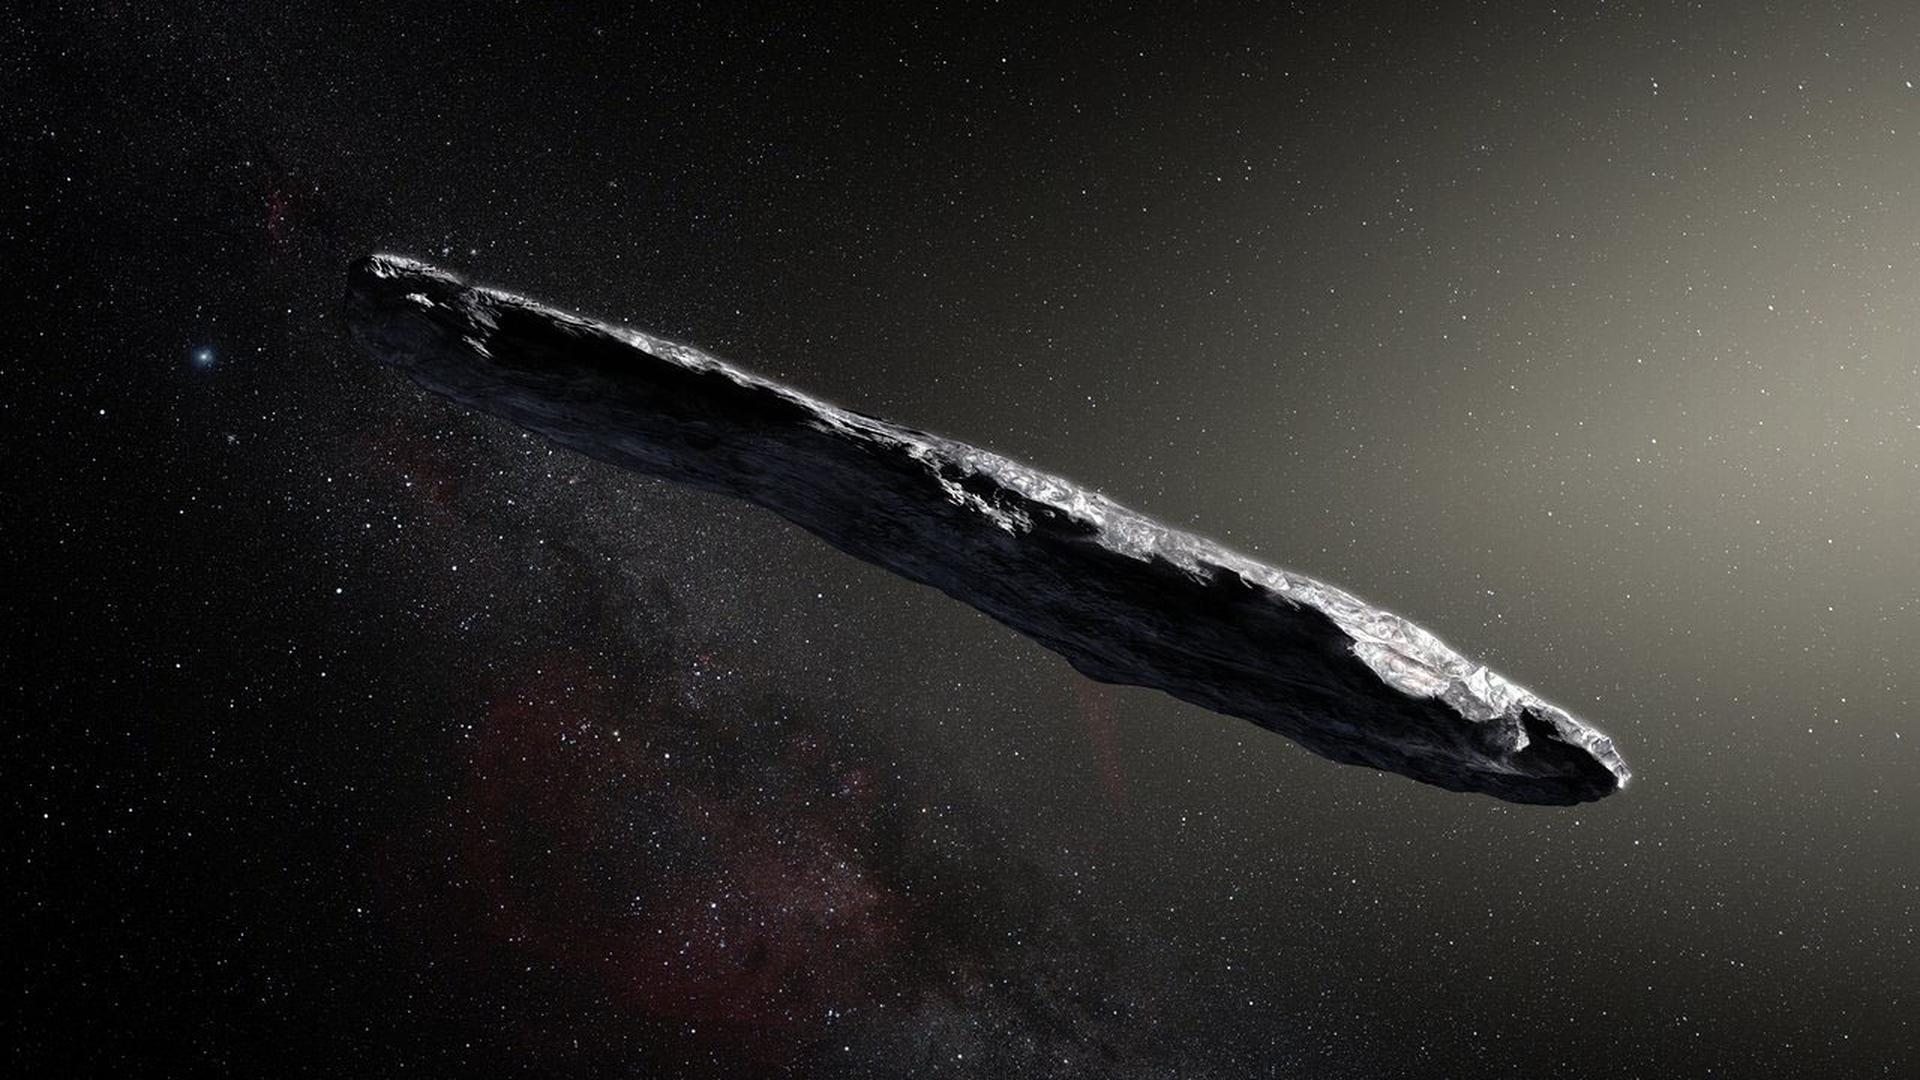 """Seltene Erscheinung verblüfft Astronomen: Vor vier Jahren wurde erstmals der Durchflug eines fremden Himmelskörpers durch unser Sonnensystem beobachtet. Das Objekt mit dem Namen """"Oumuamua"""" (hier eine künstlerische Darstellung) fiel durch seine ungewöhnliche Form und die unerklärliche Beschleunigung auf."""